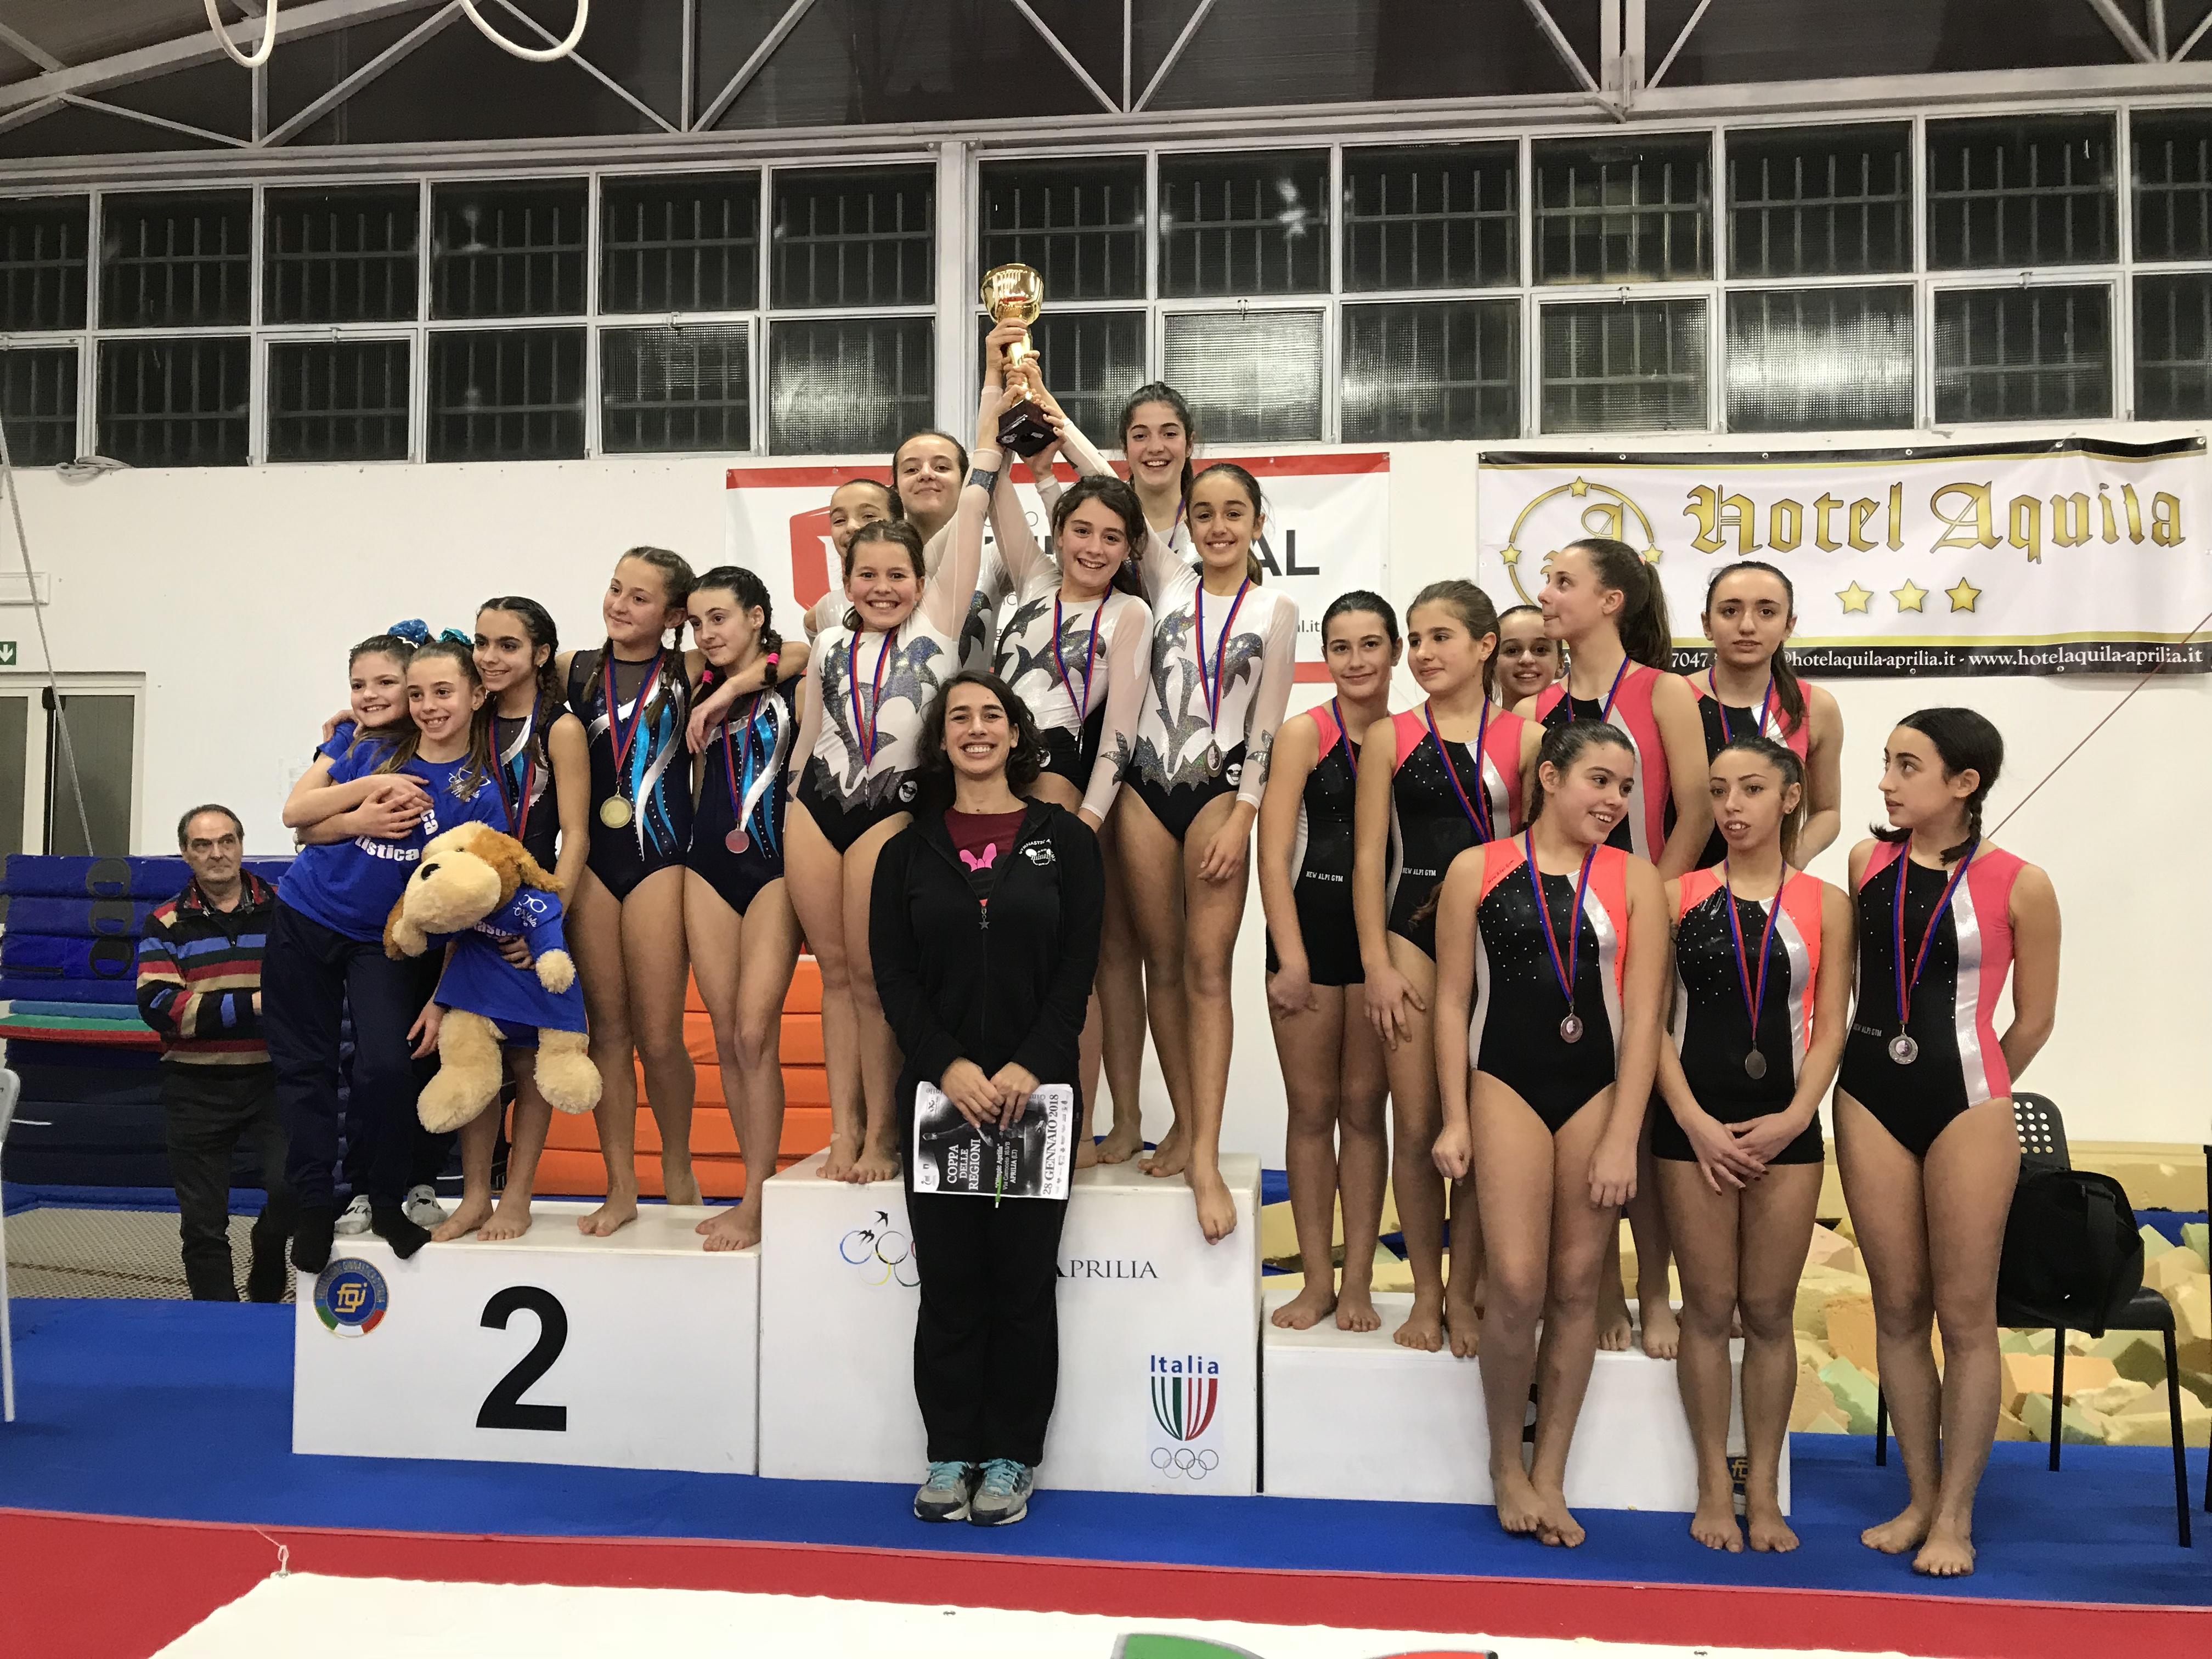 Minnie Gym società campionessa Coppa delle Regioni